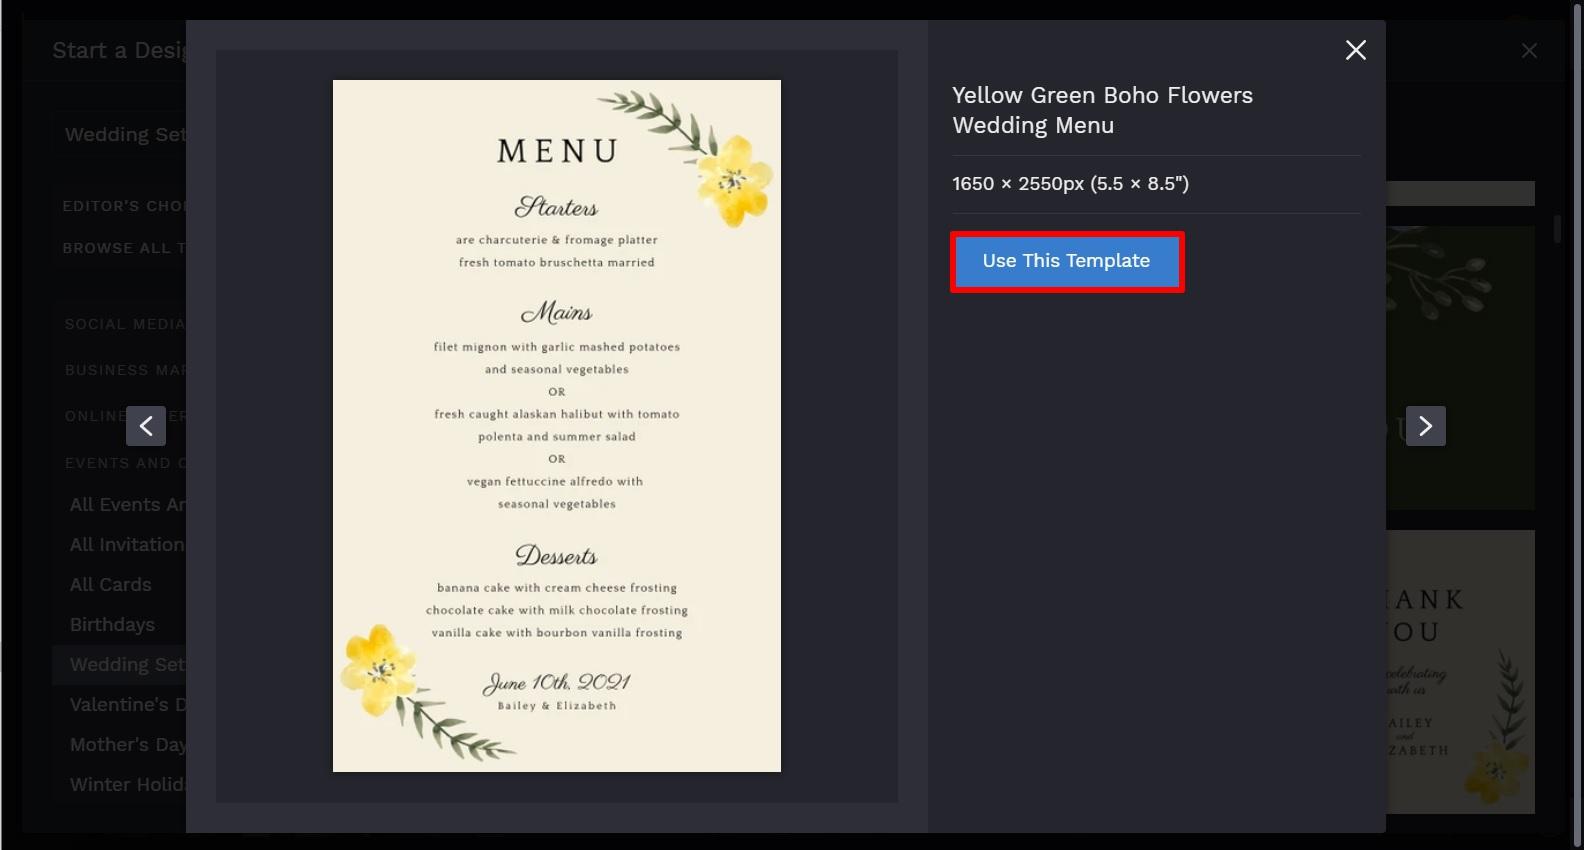 wedding menu template by BeFunky